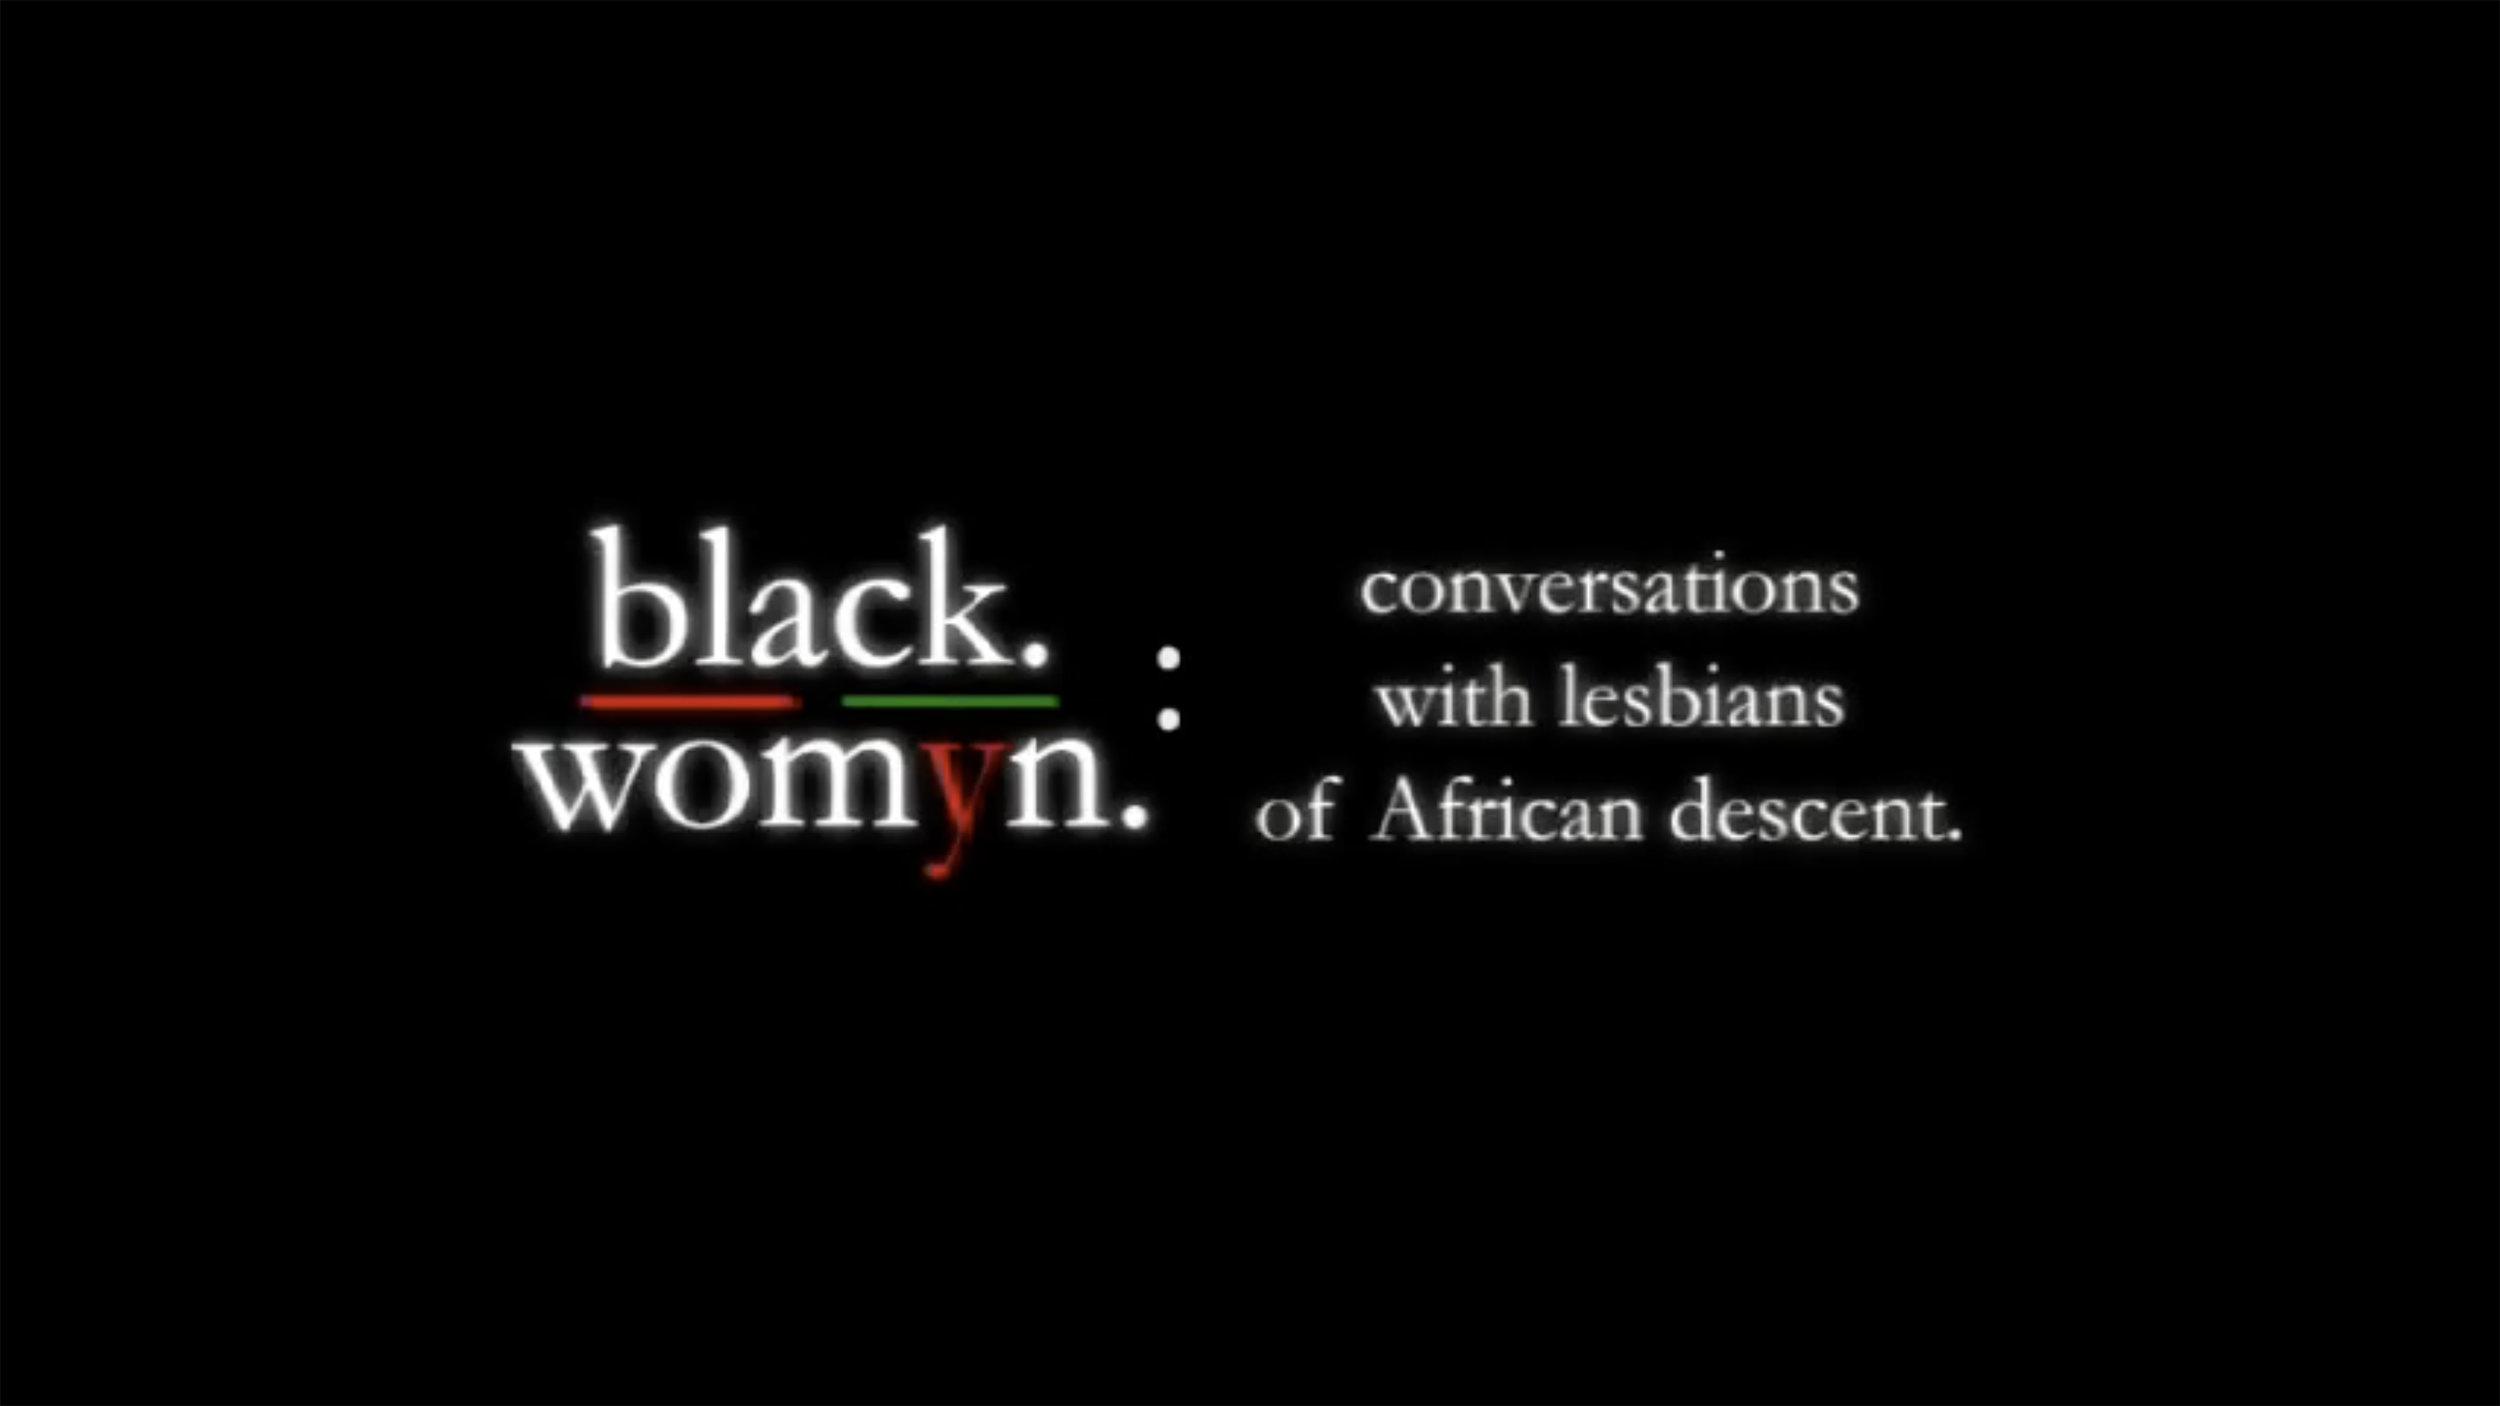 MTN_19_002 - black.womyn (video still 1)_FULL.jpg